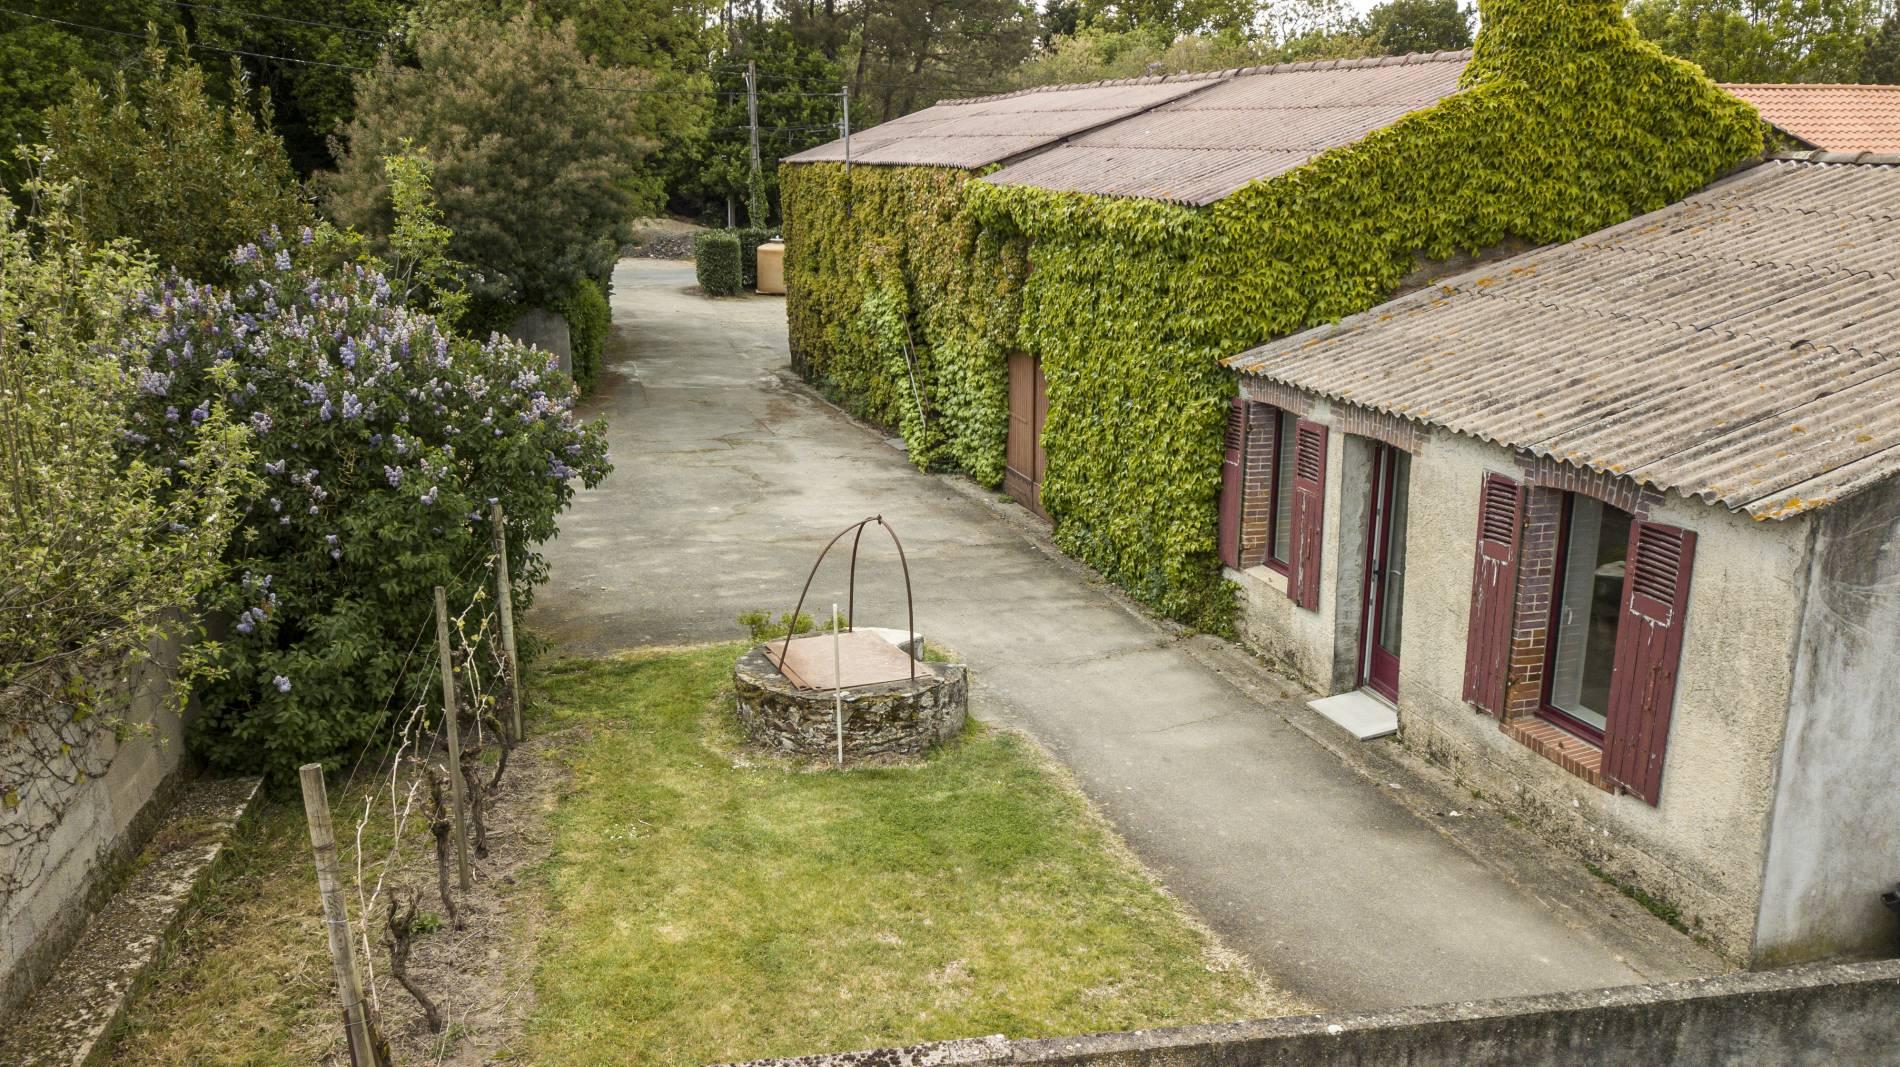 Domaine du paradis vente du Vin Chardonnay et Vin Gamay rosé